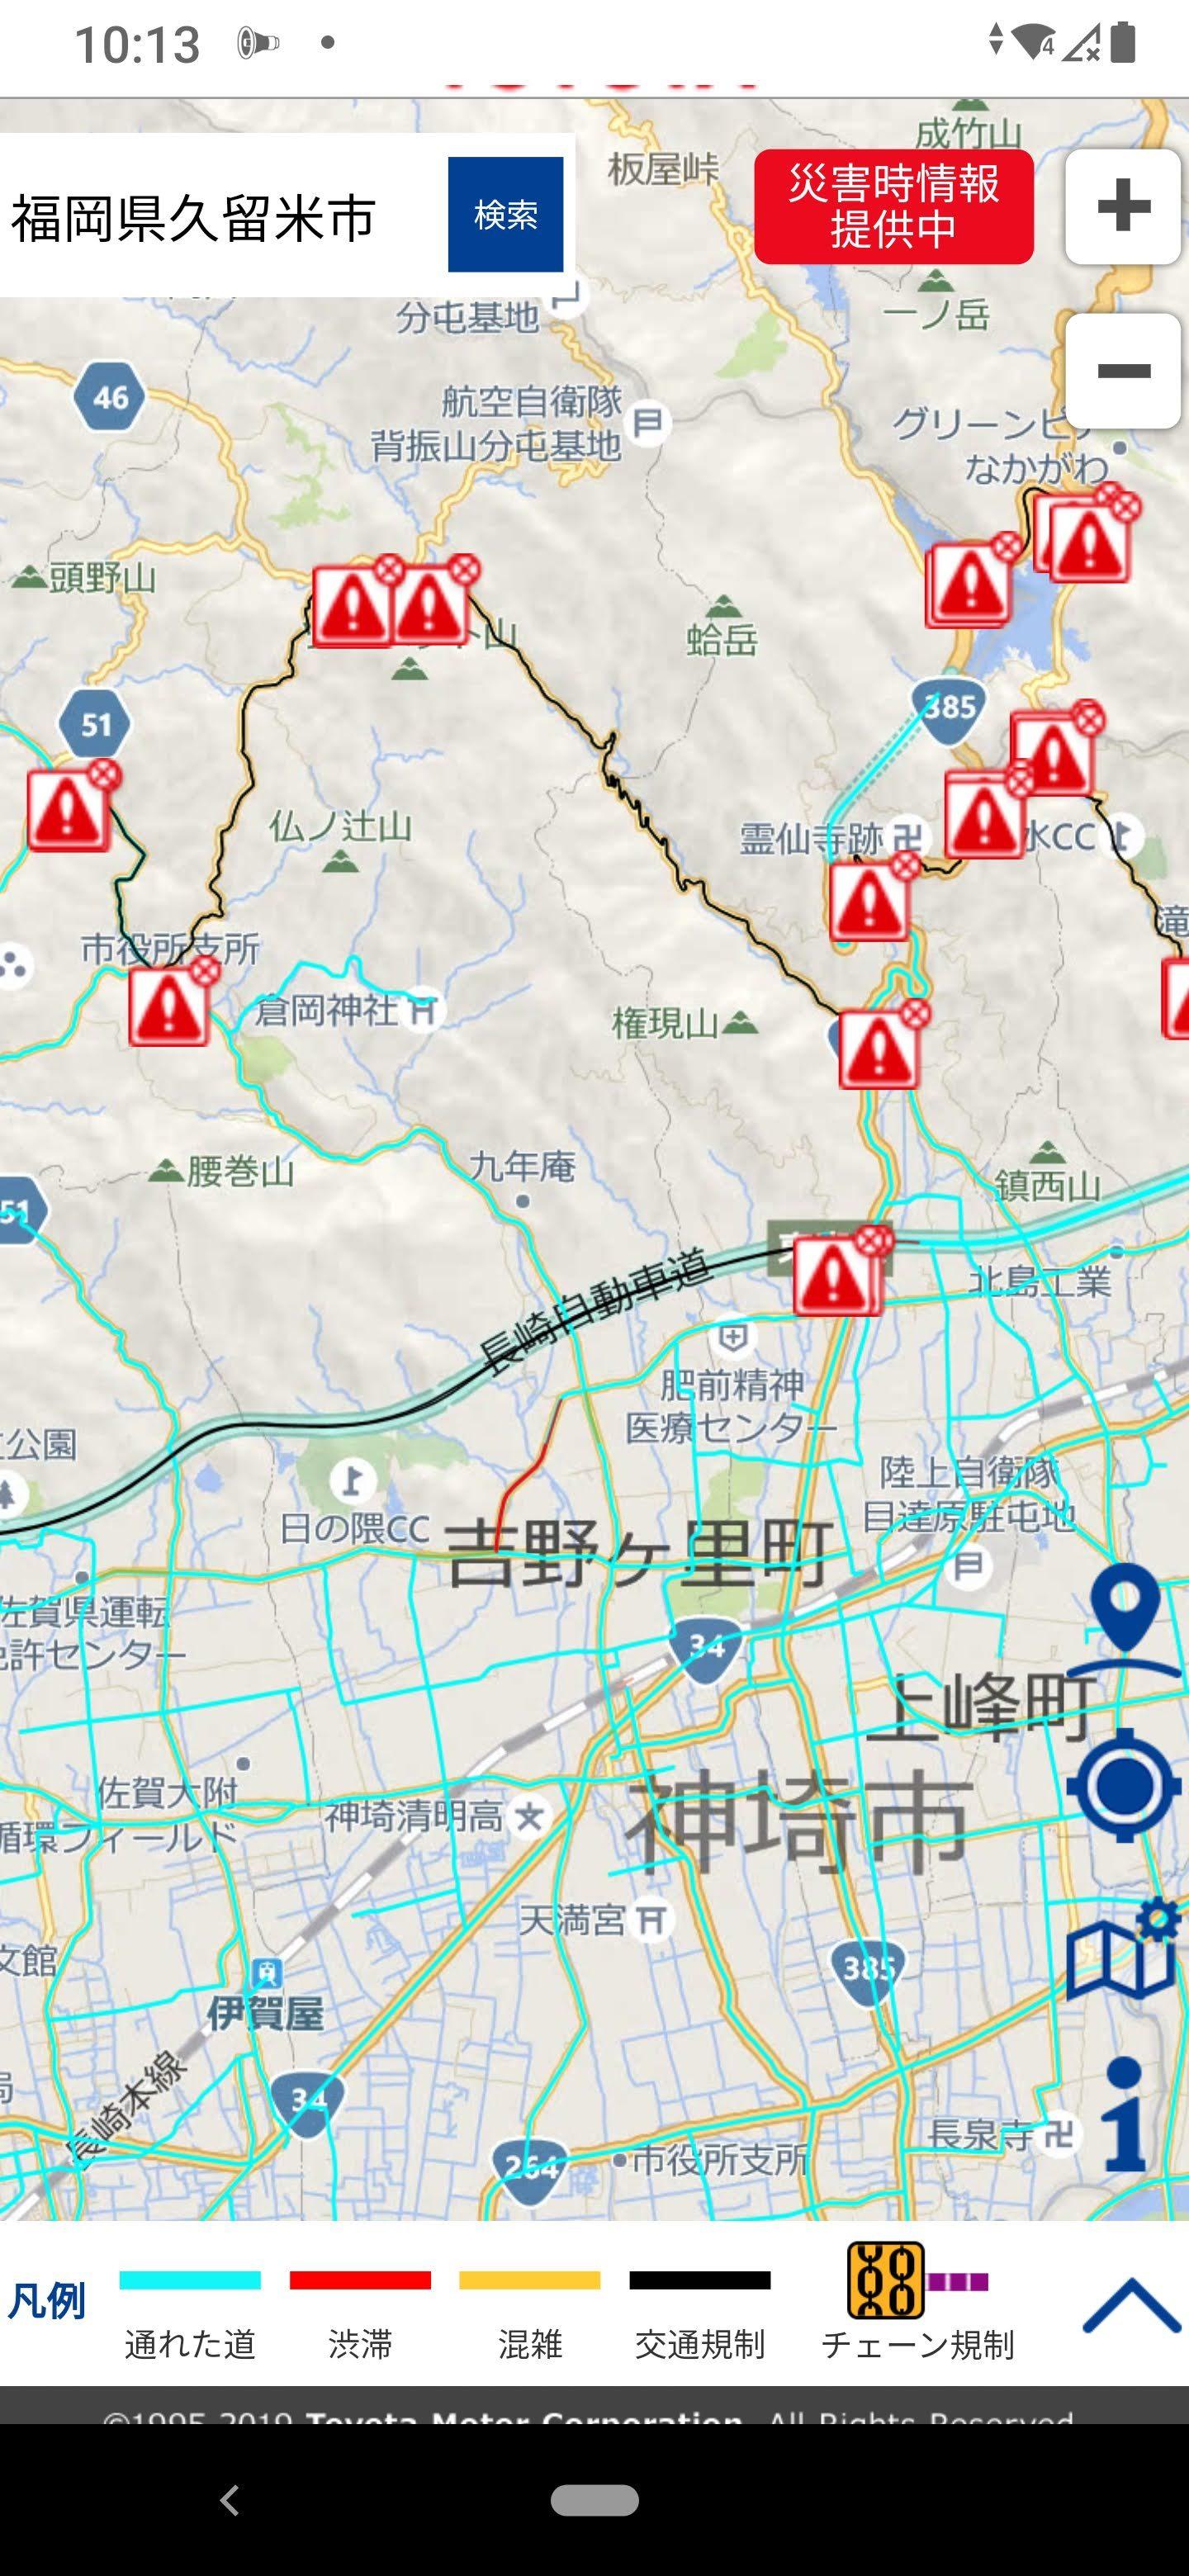 トヨタ通れた道マップ